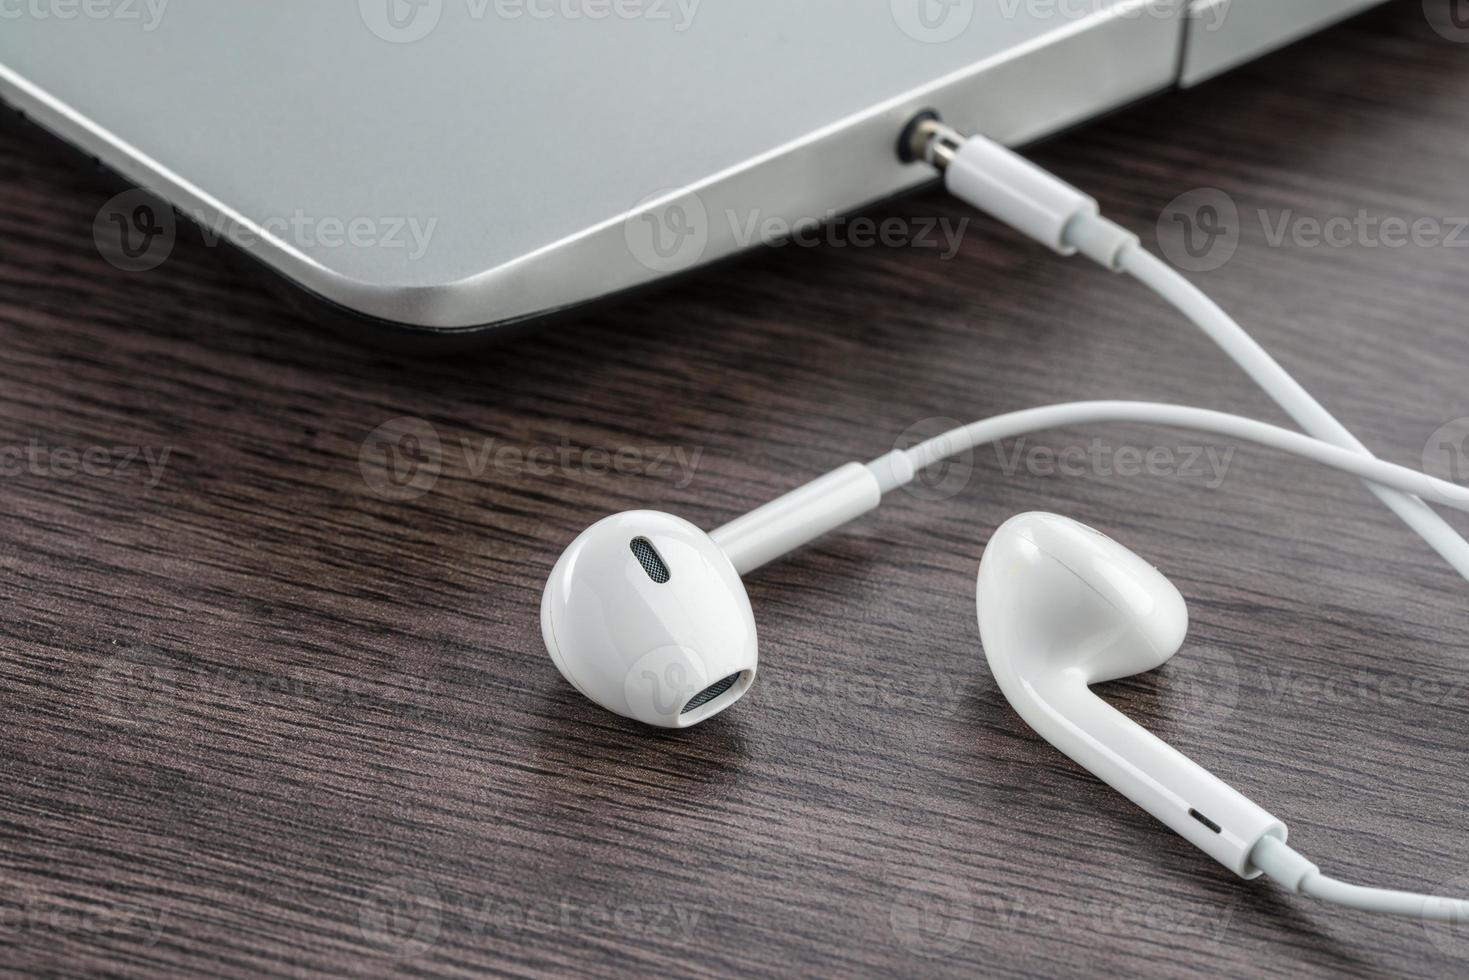 auricular con laptop en el escritorio de madera foto